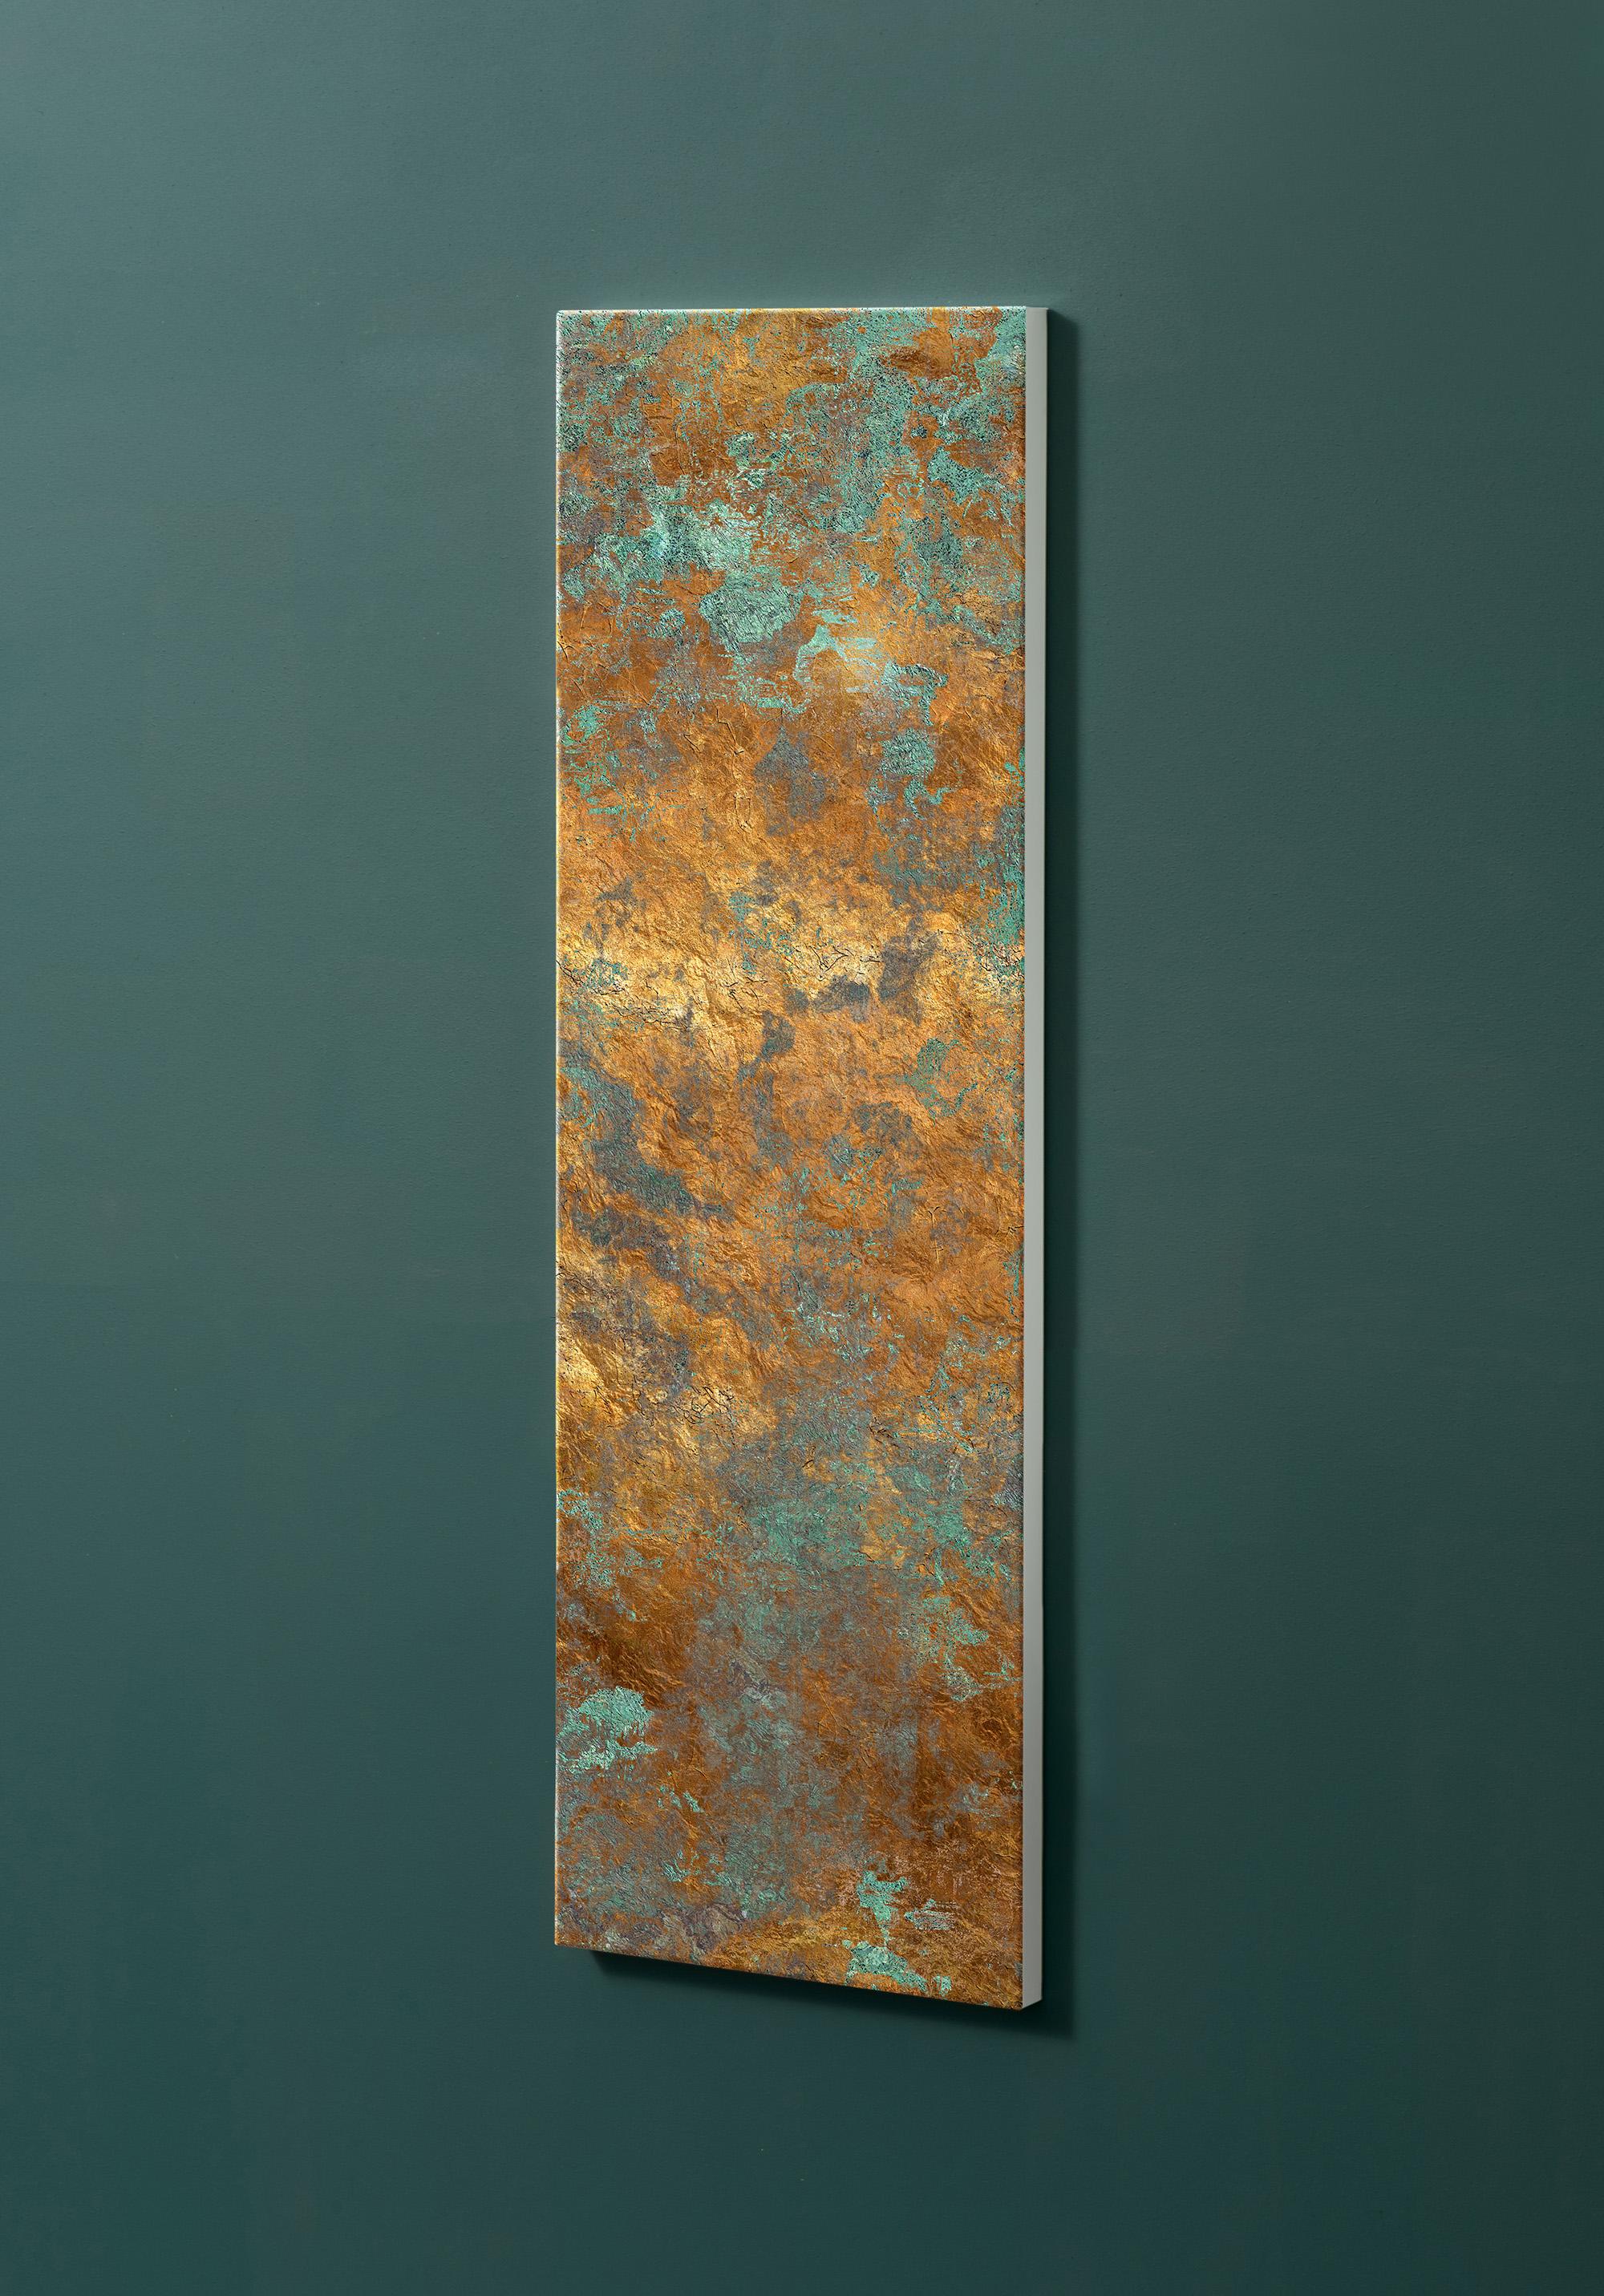 Magnettafel NOTIZ 30x90cm Motiv-Pinnwand M13 Kupfer